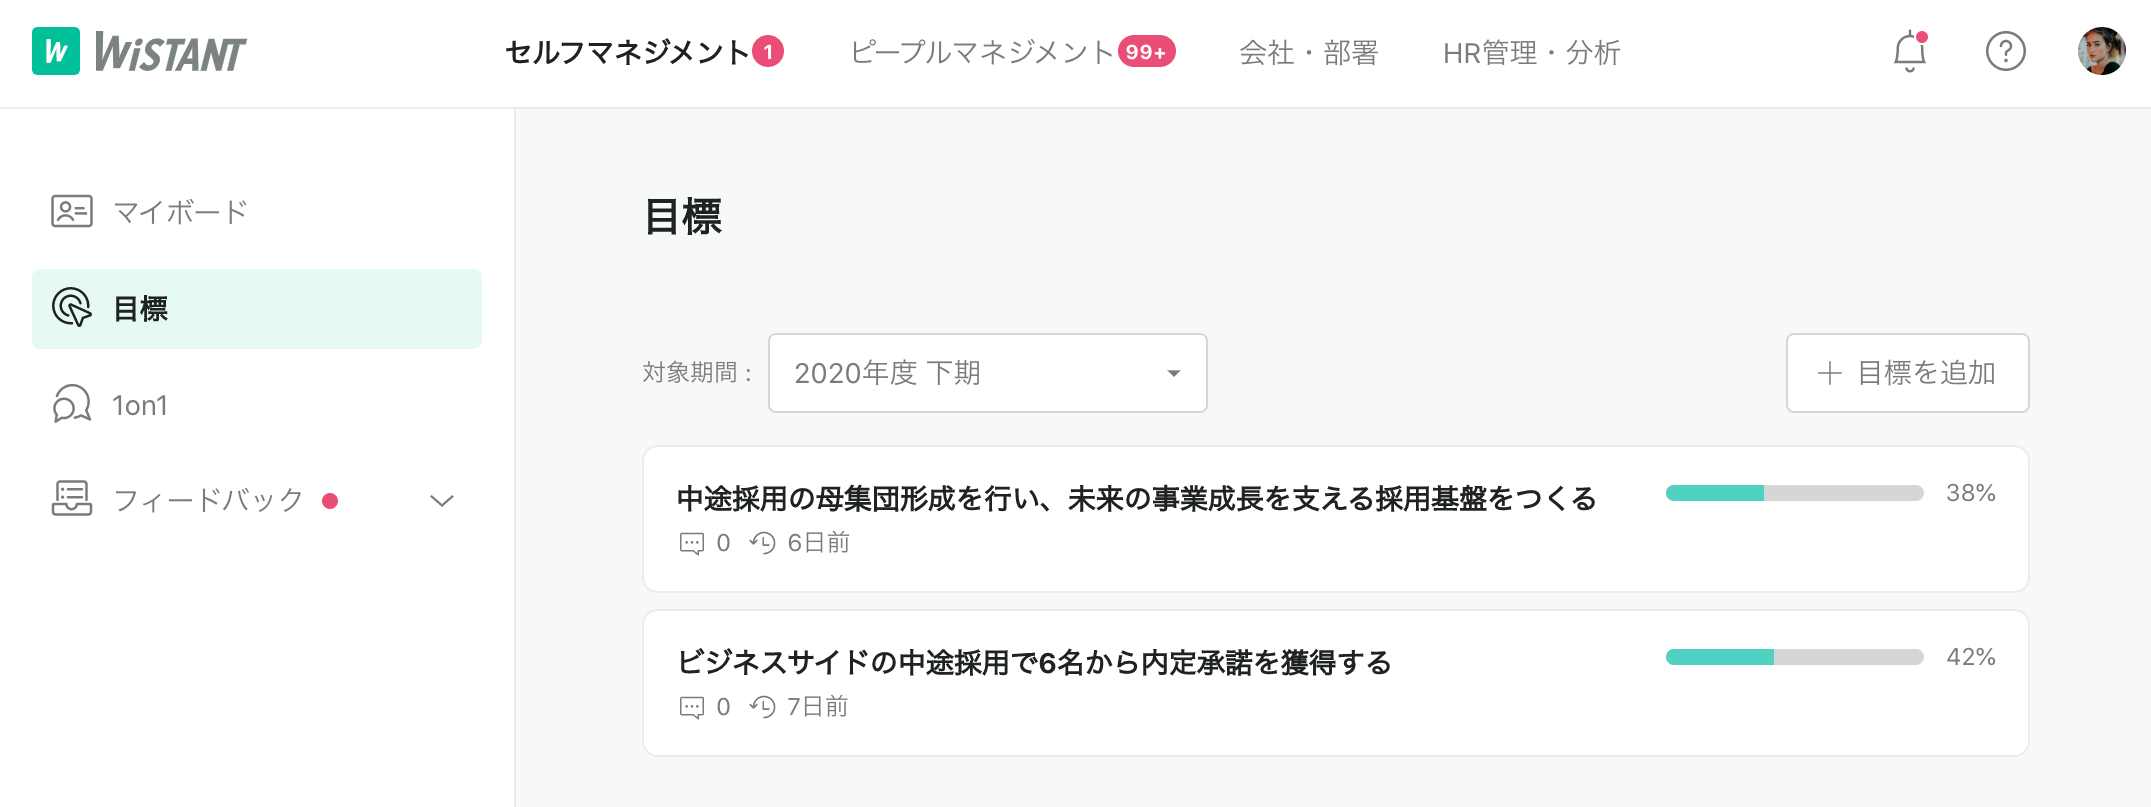 wistant_目標-1